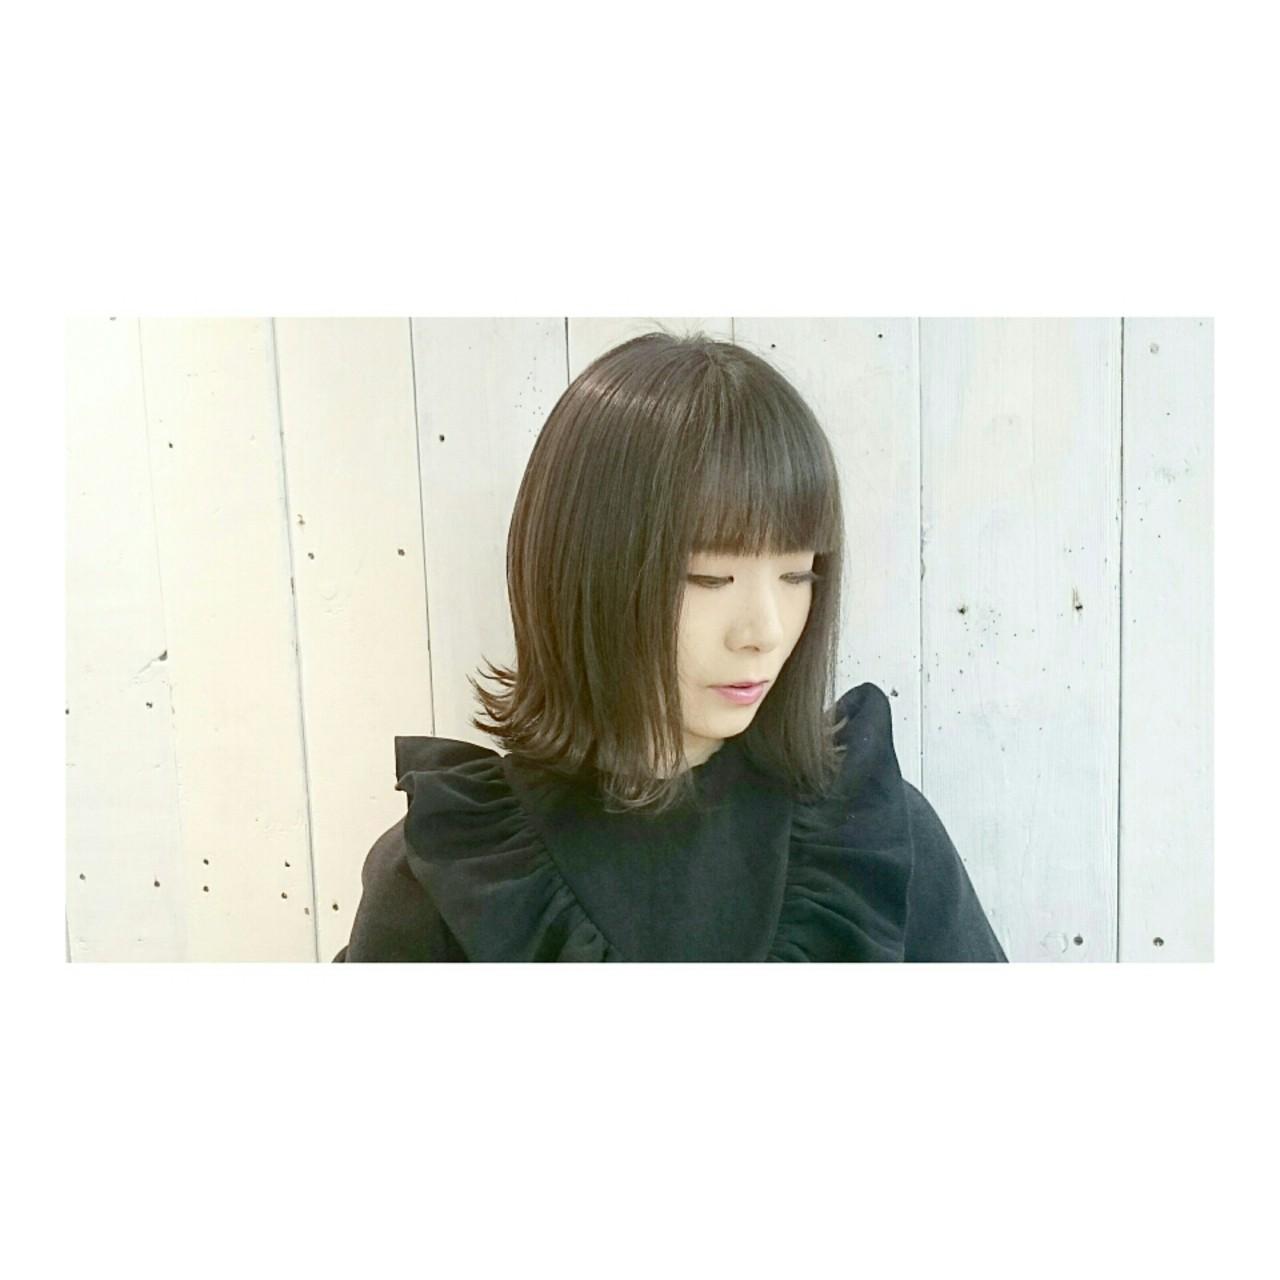 切りっぱなし 外ハネ ボブ モード ヘアスタイルや髪型の写真・画像 | KUMA / hair make PUR